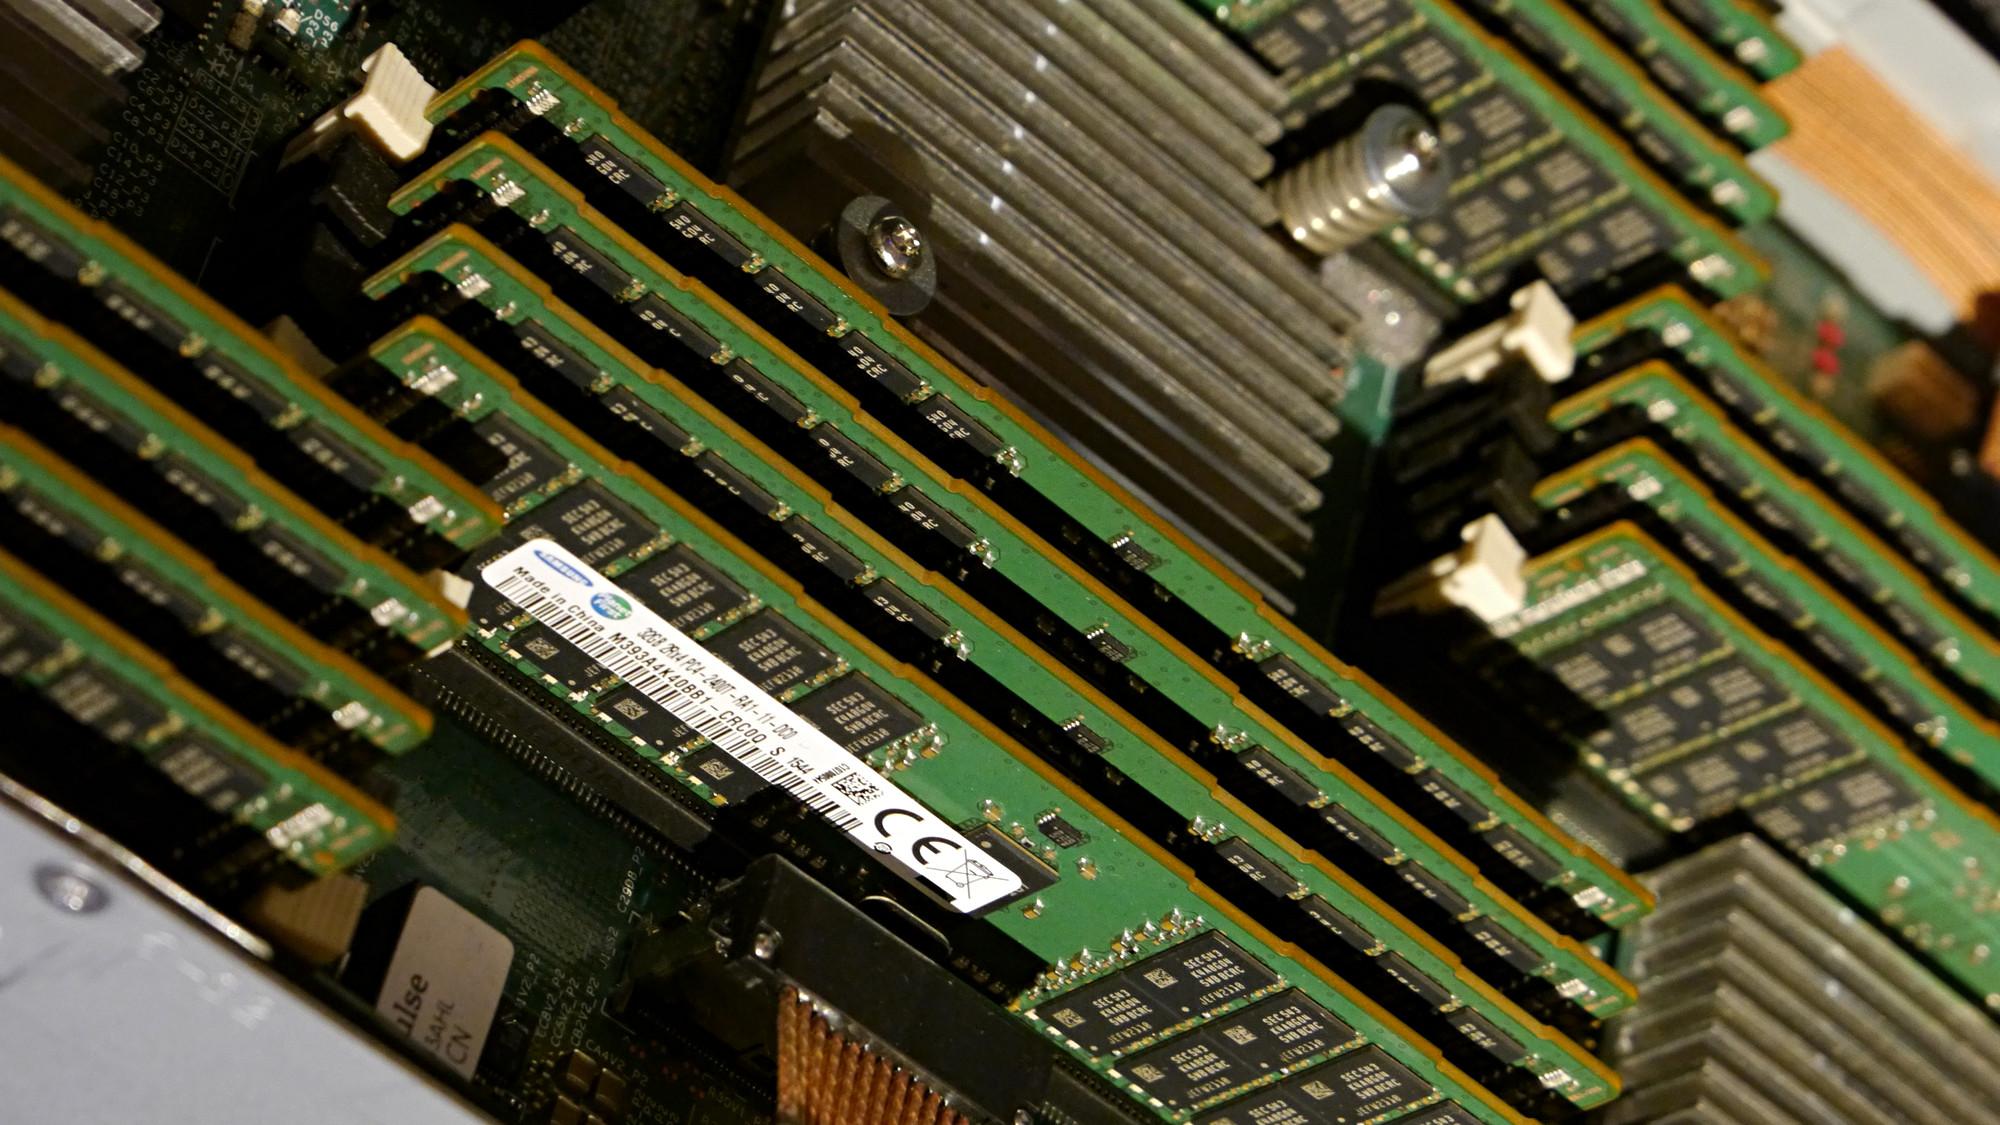 Memory-Driven Computing: HPE zeigt Prototyp von The Machine - HPEs Ausstellungsmodell von The Machine nutzt 32-GByte-DIMMs, der Prototyp aber 128-GByte-DDR4-Module. (Foto: Marc Sauter/Golem.de)